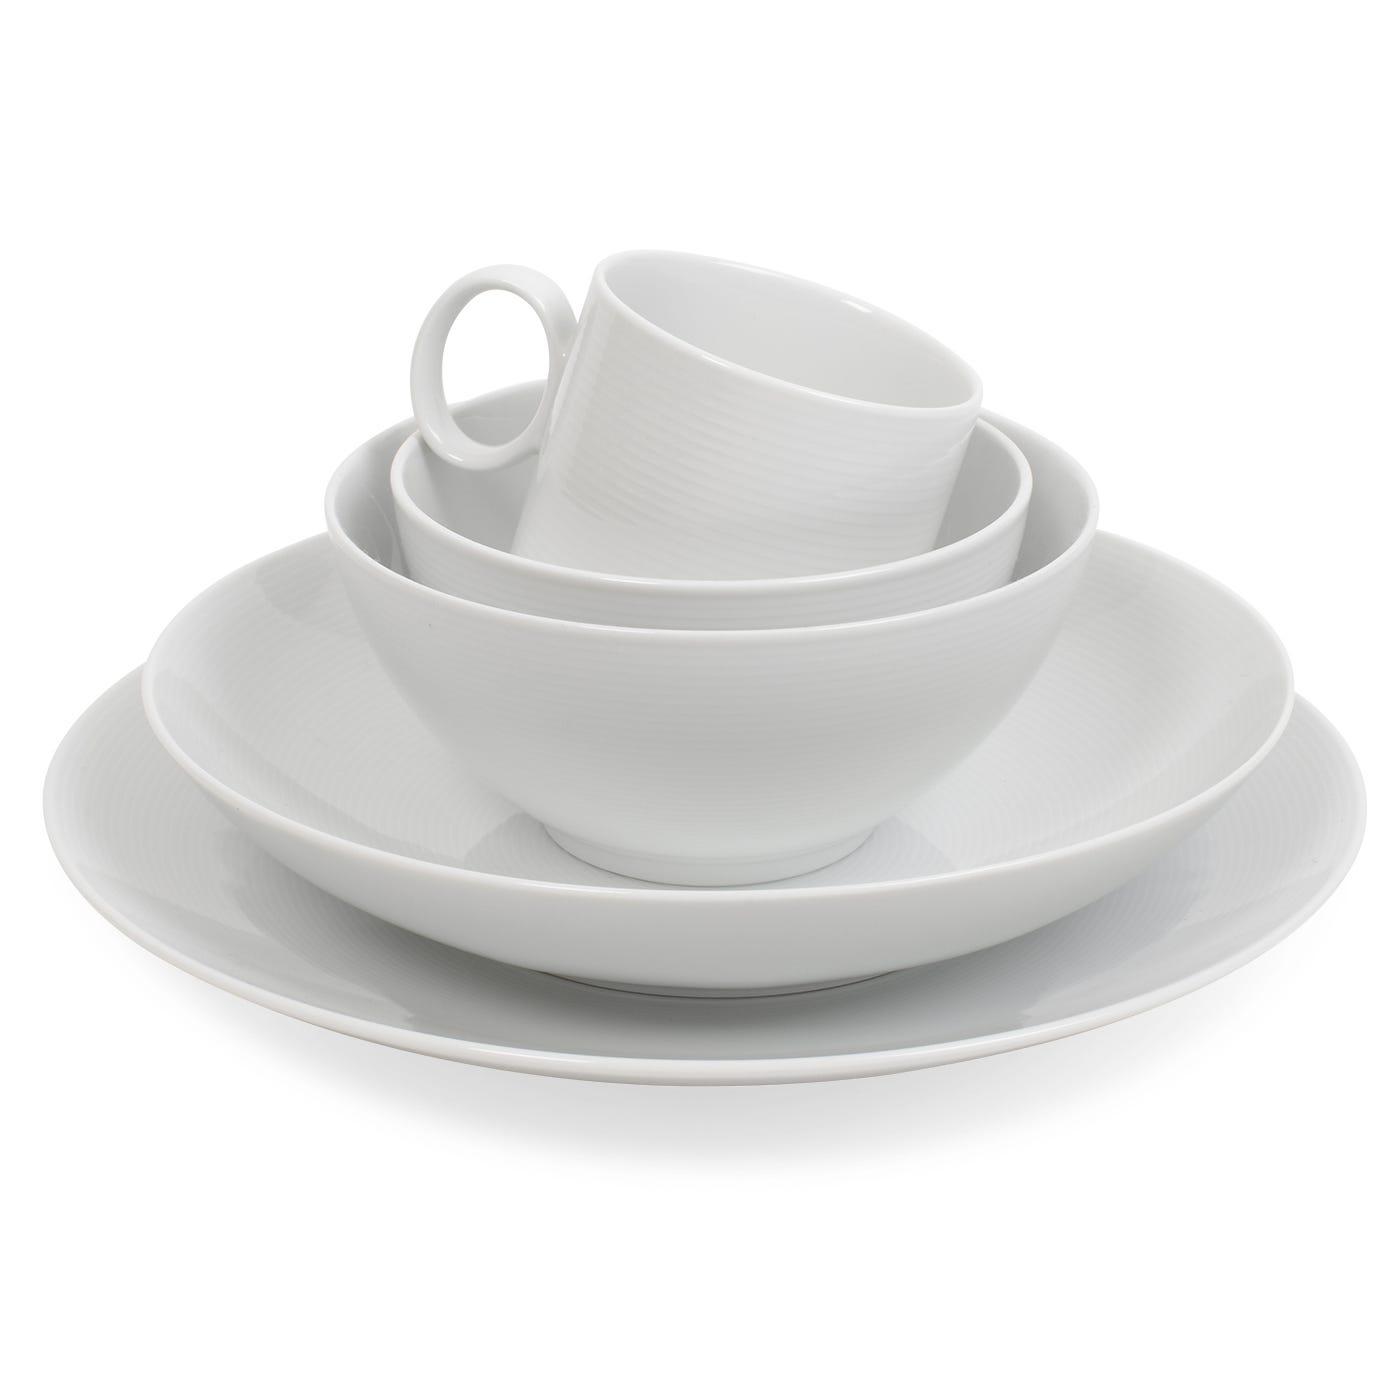 Loft White Dinnerware